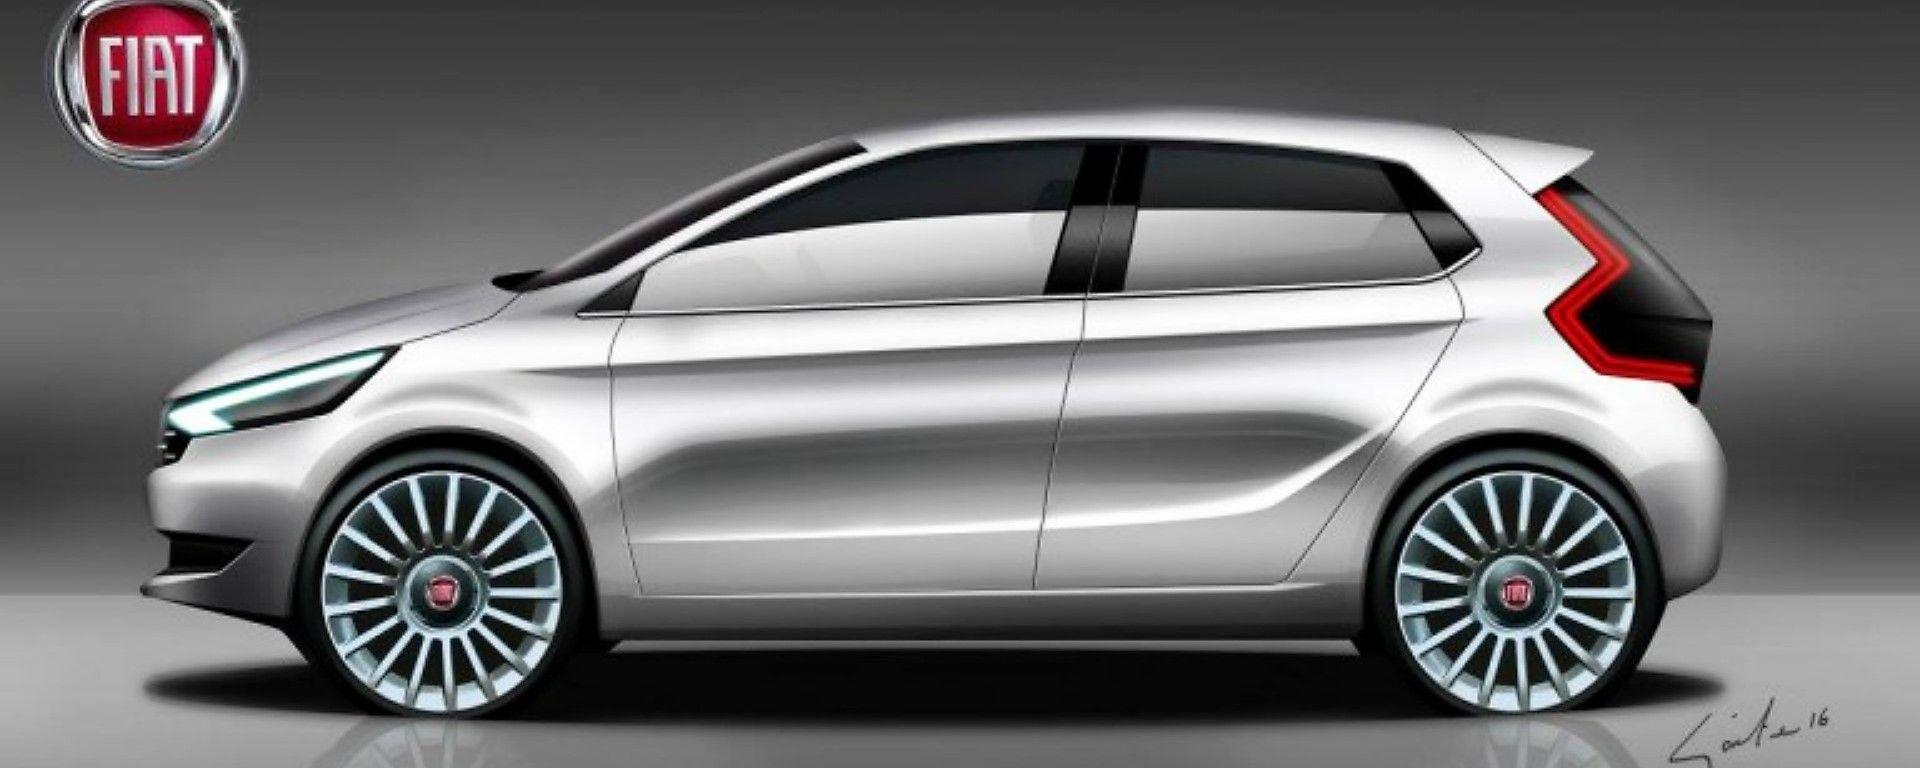 Nuova Fiat Punto 2019 Foto Caratteristiche Prezzi Data